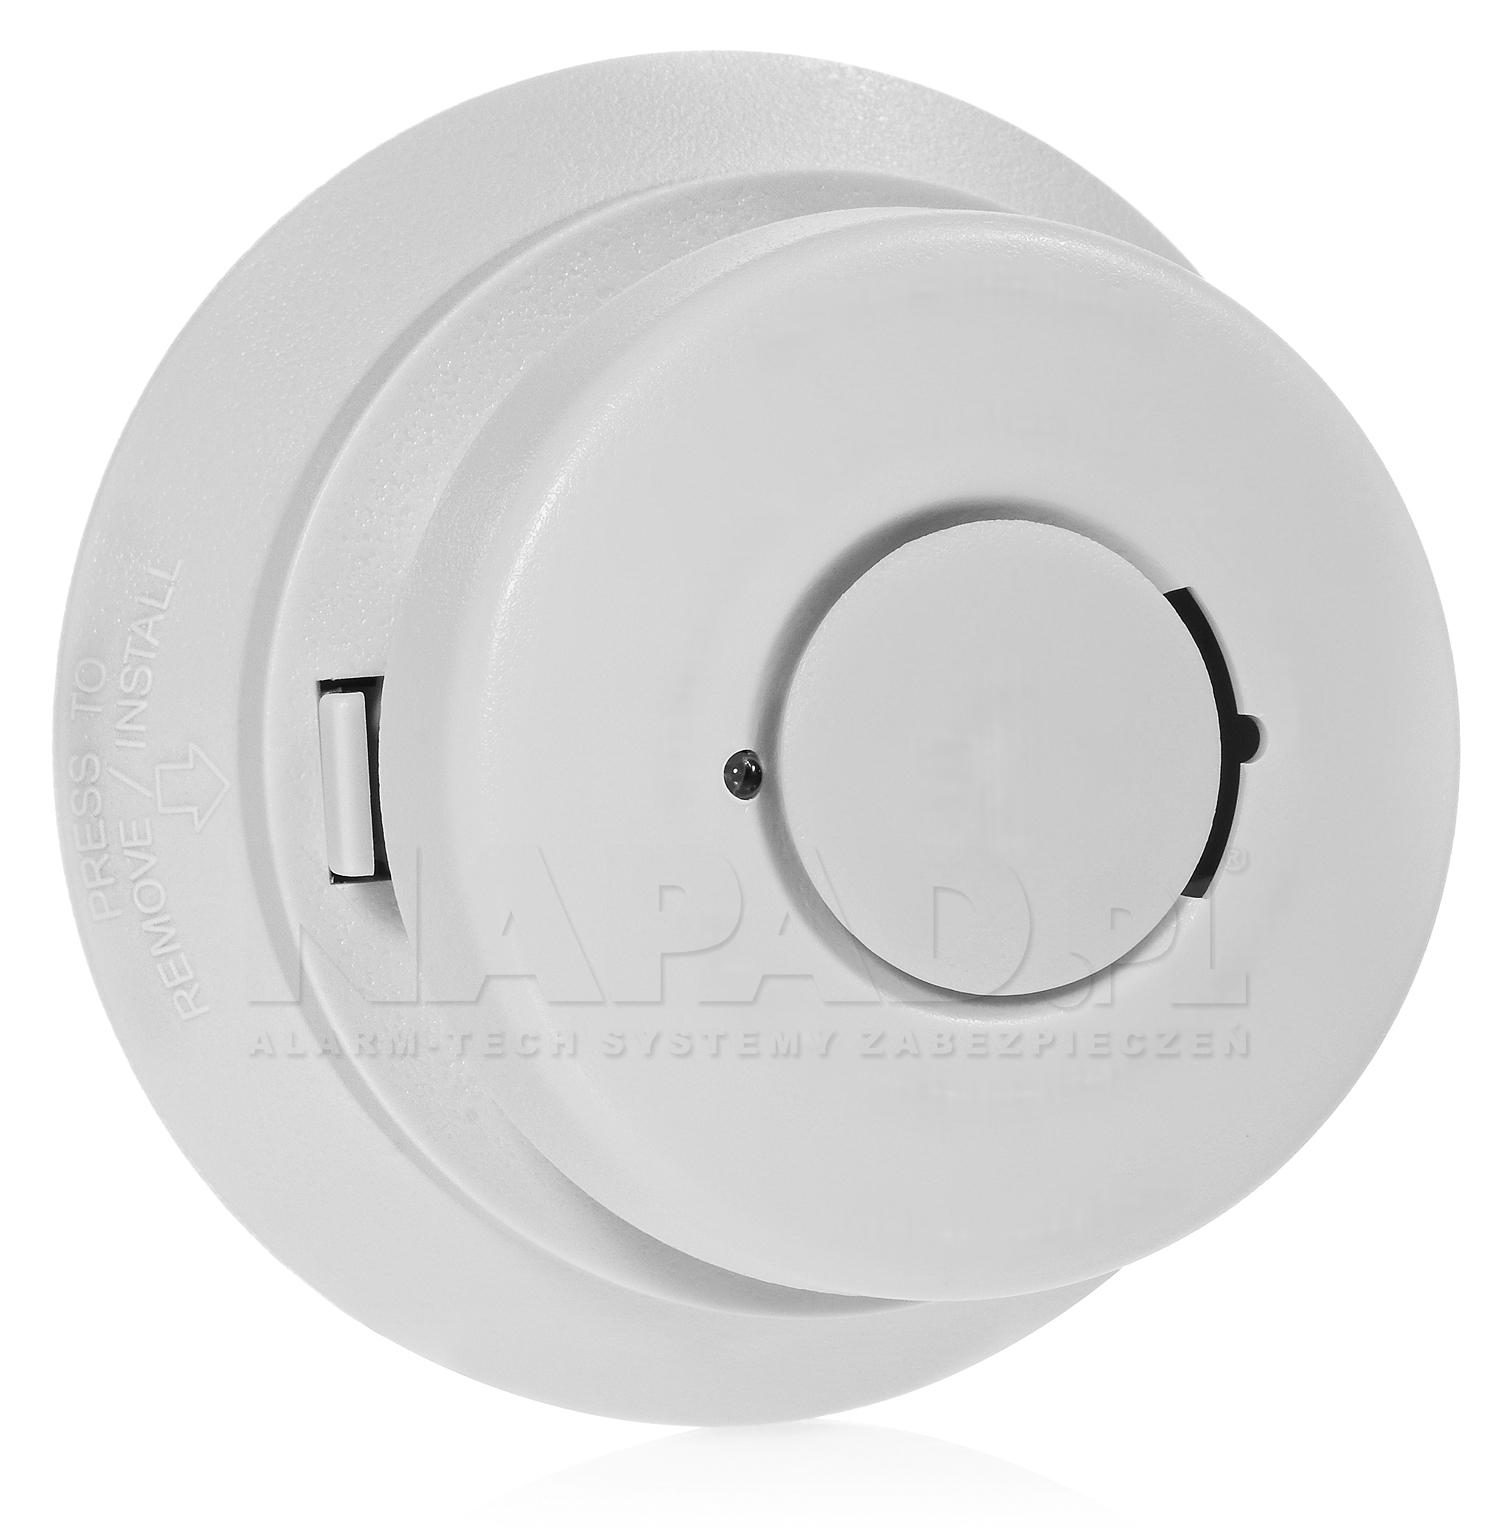 MTS-166/9V - Bezprzewodowy czujnik dymu